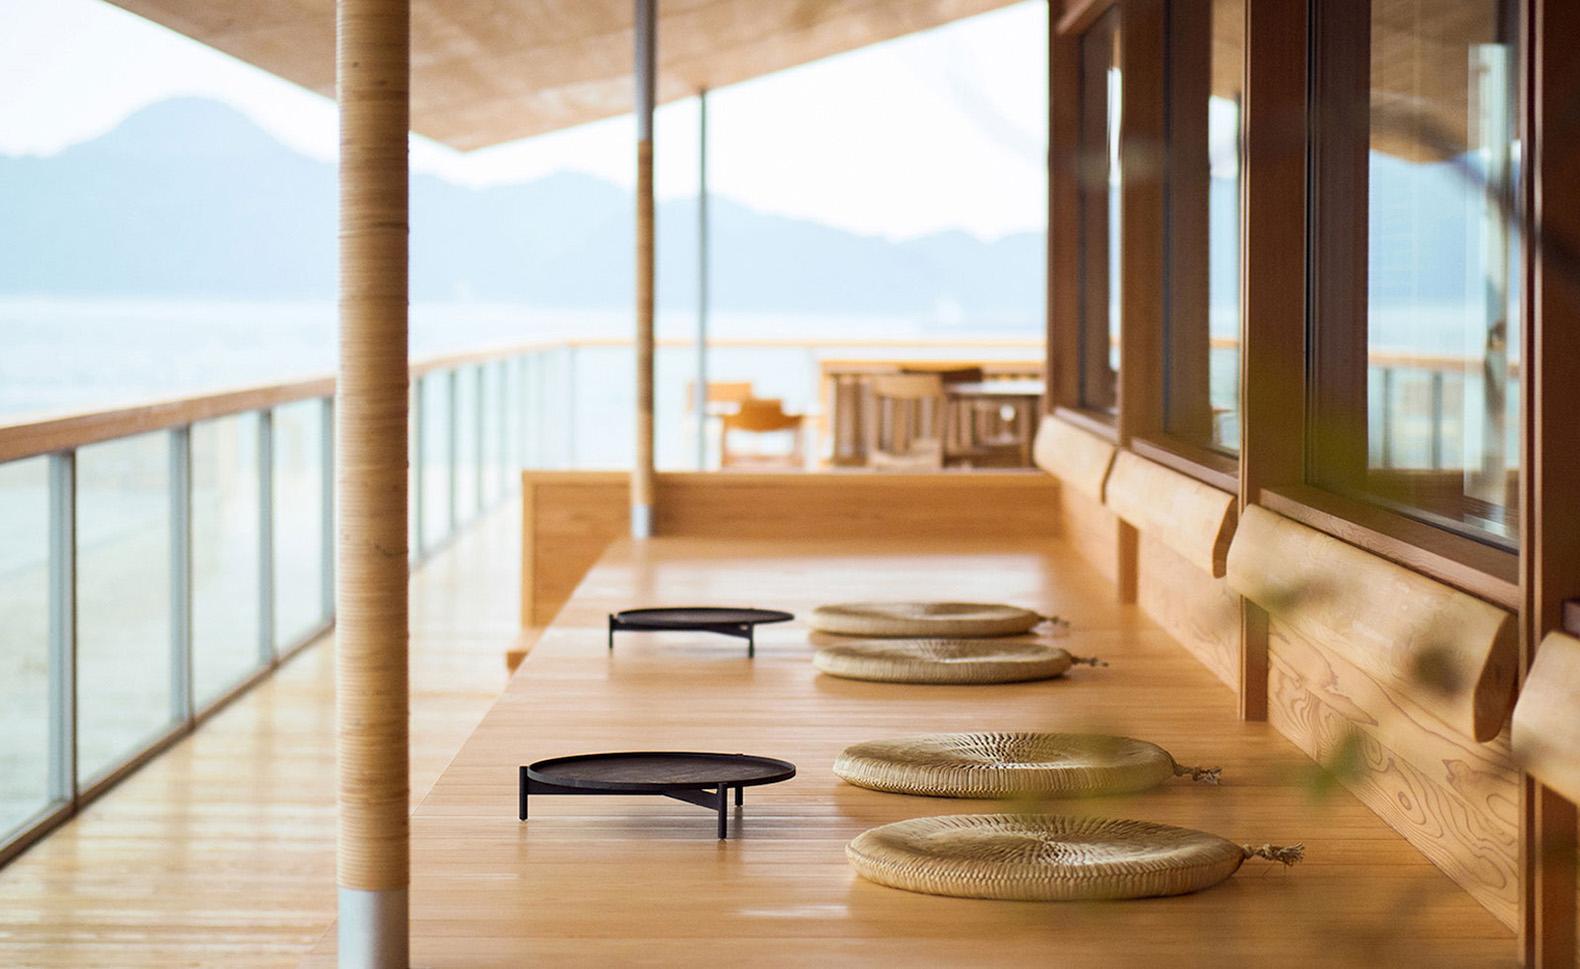 Guntu, il floating hotel che naviga le coste giapponesi | Collater.al 7